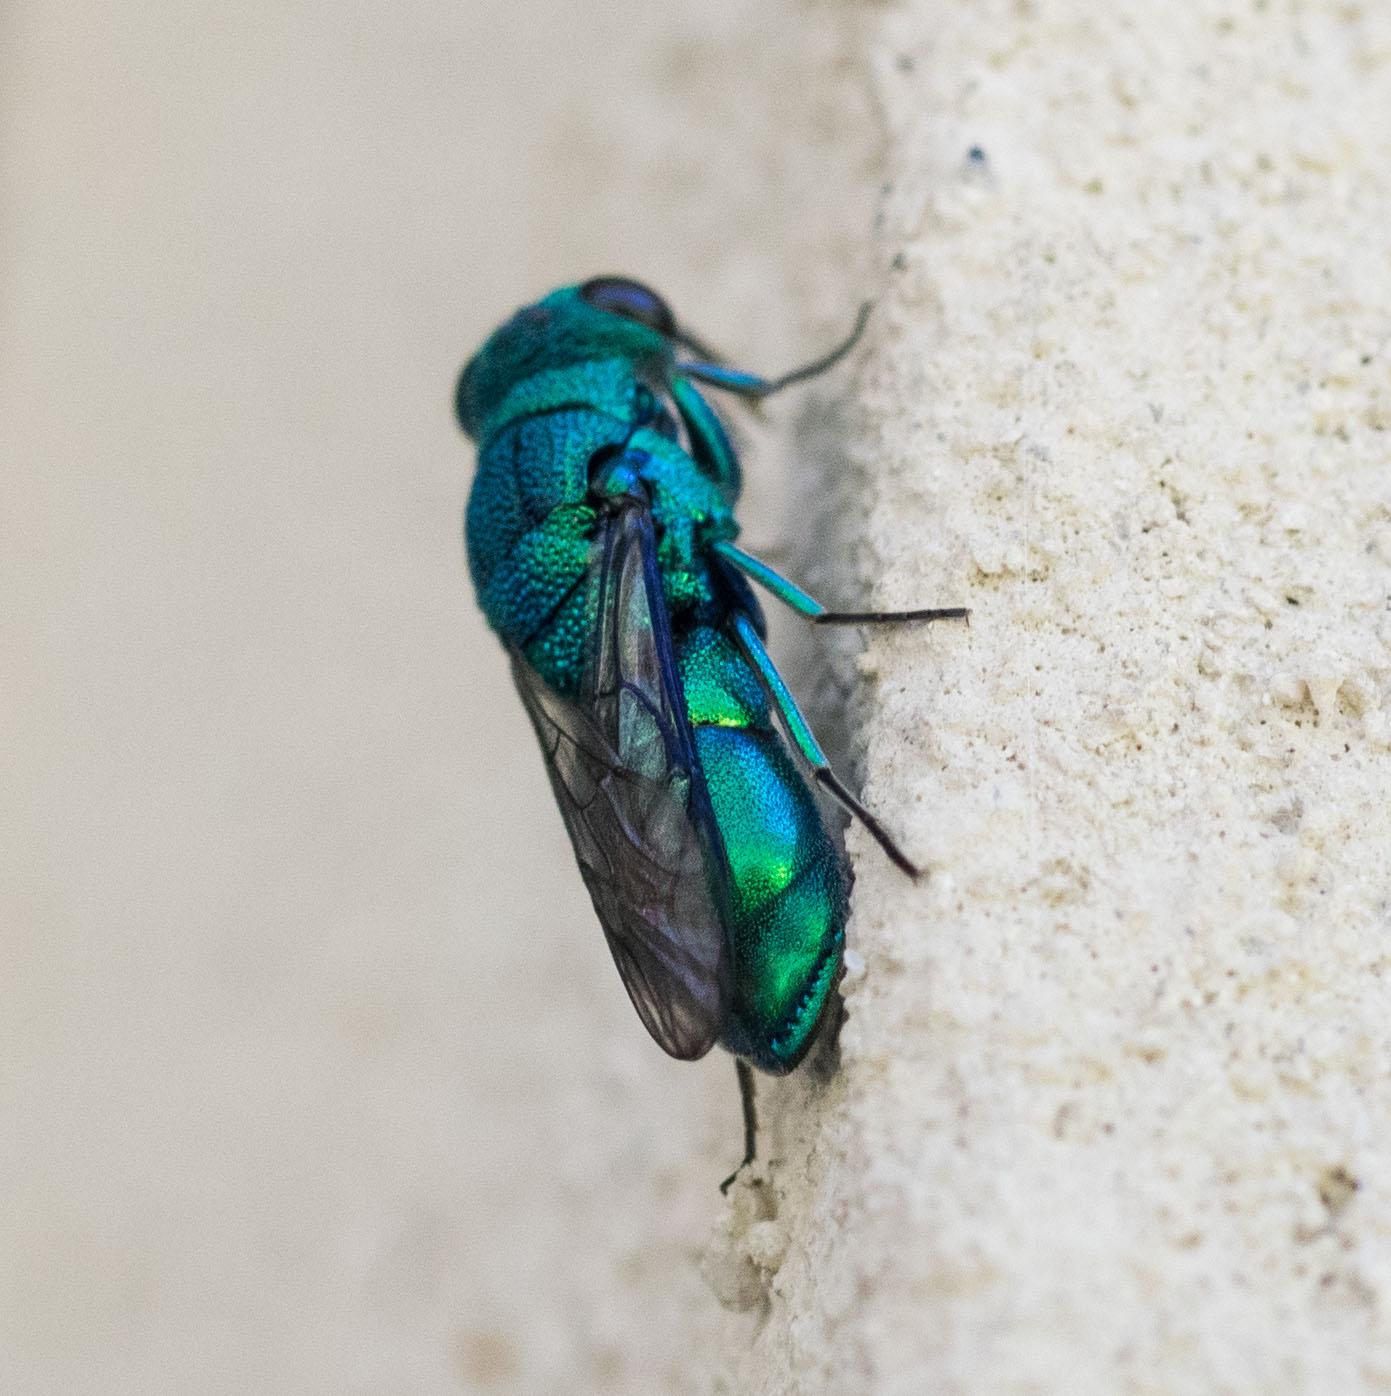 Cuckoo Wasp (female)